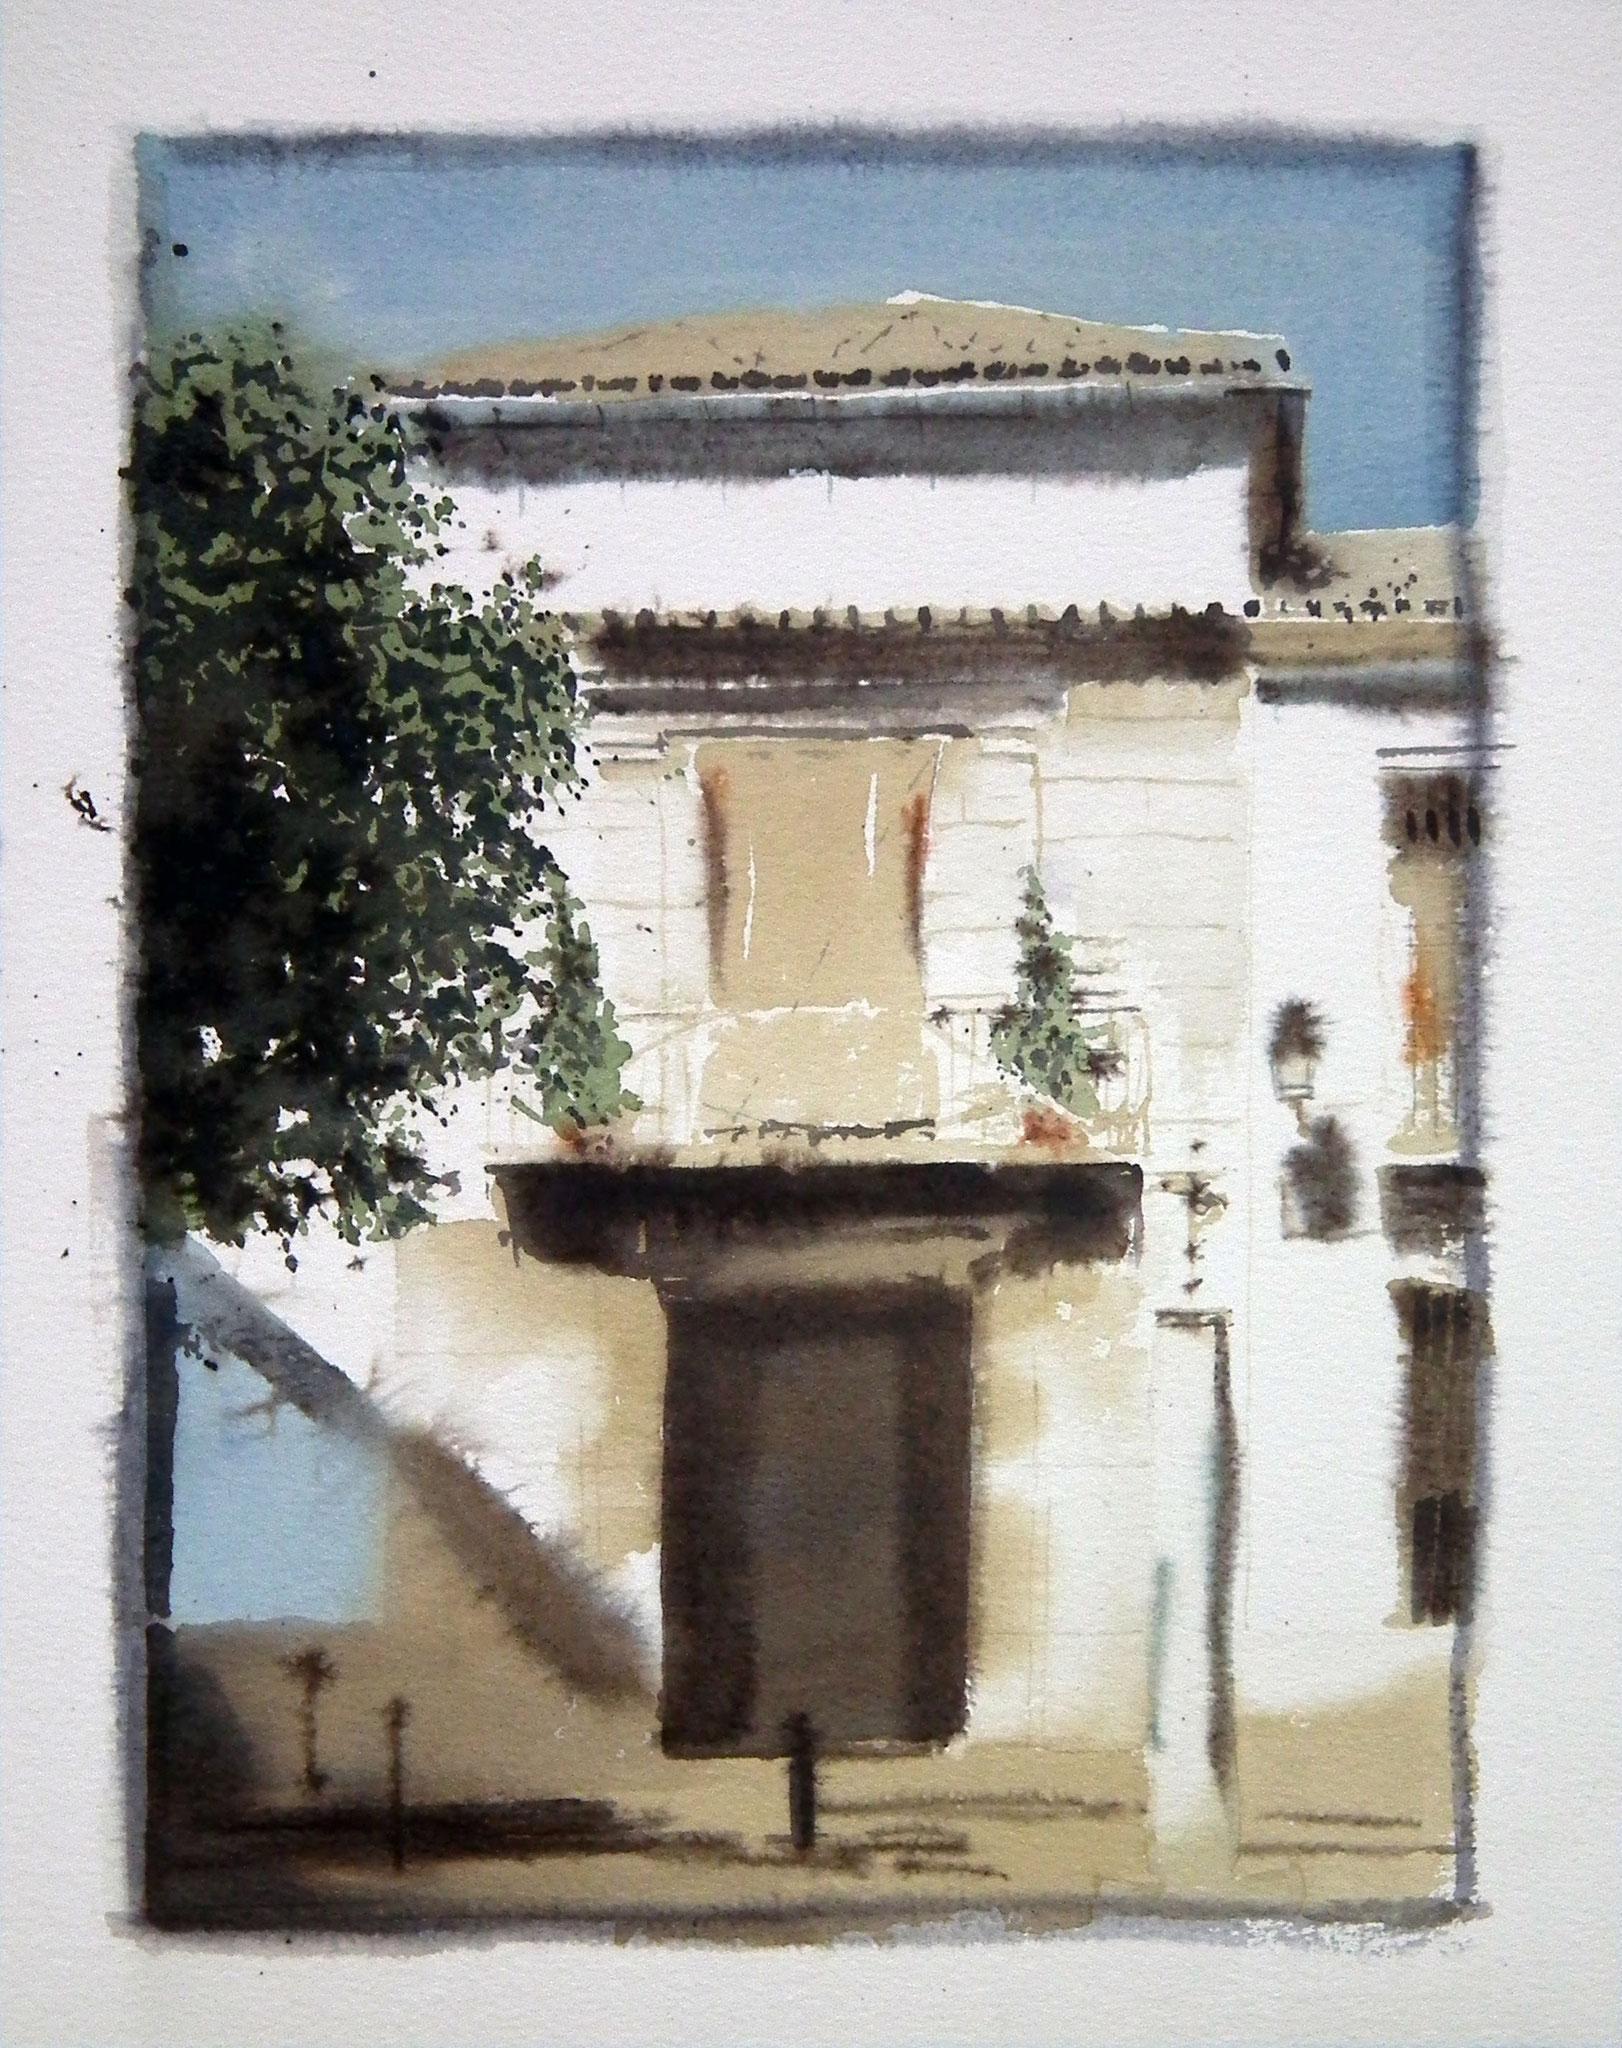 40x30 cm. Acuarela sobre papel Arches 300 gr. Colección particular.